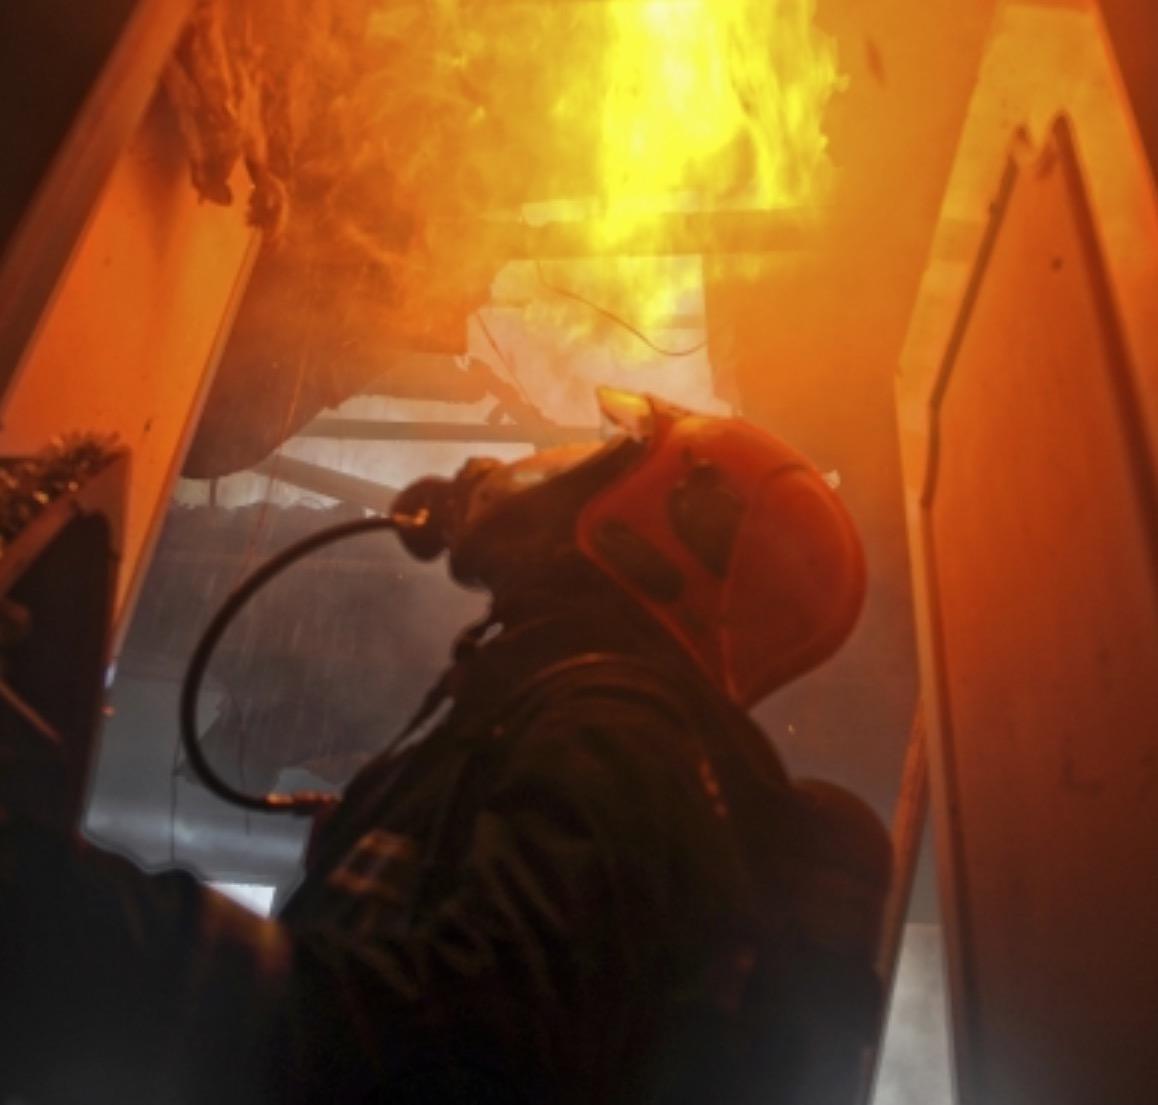 Mont-Saint-Aignan : la foudre s'abat sur une maison et déclenche un incendie